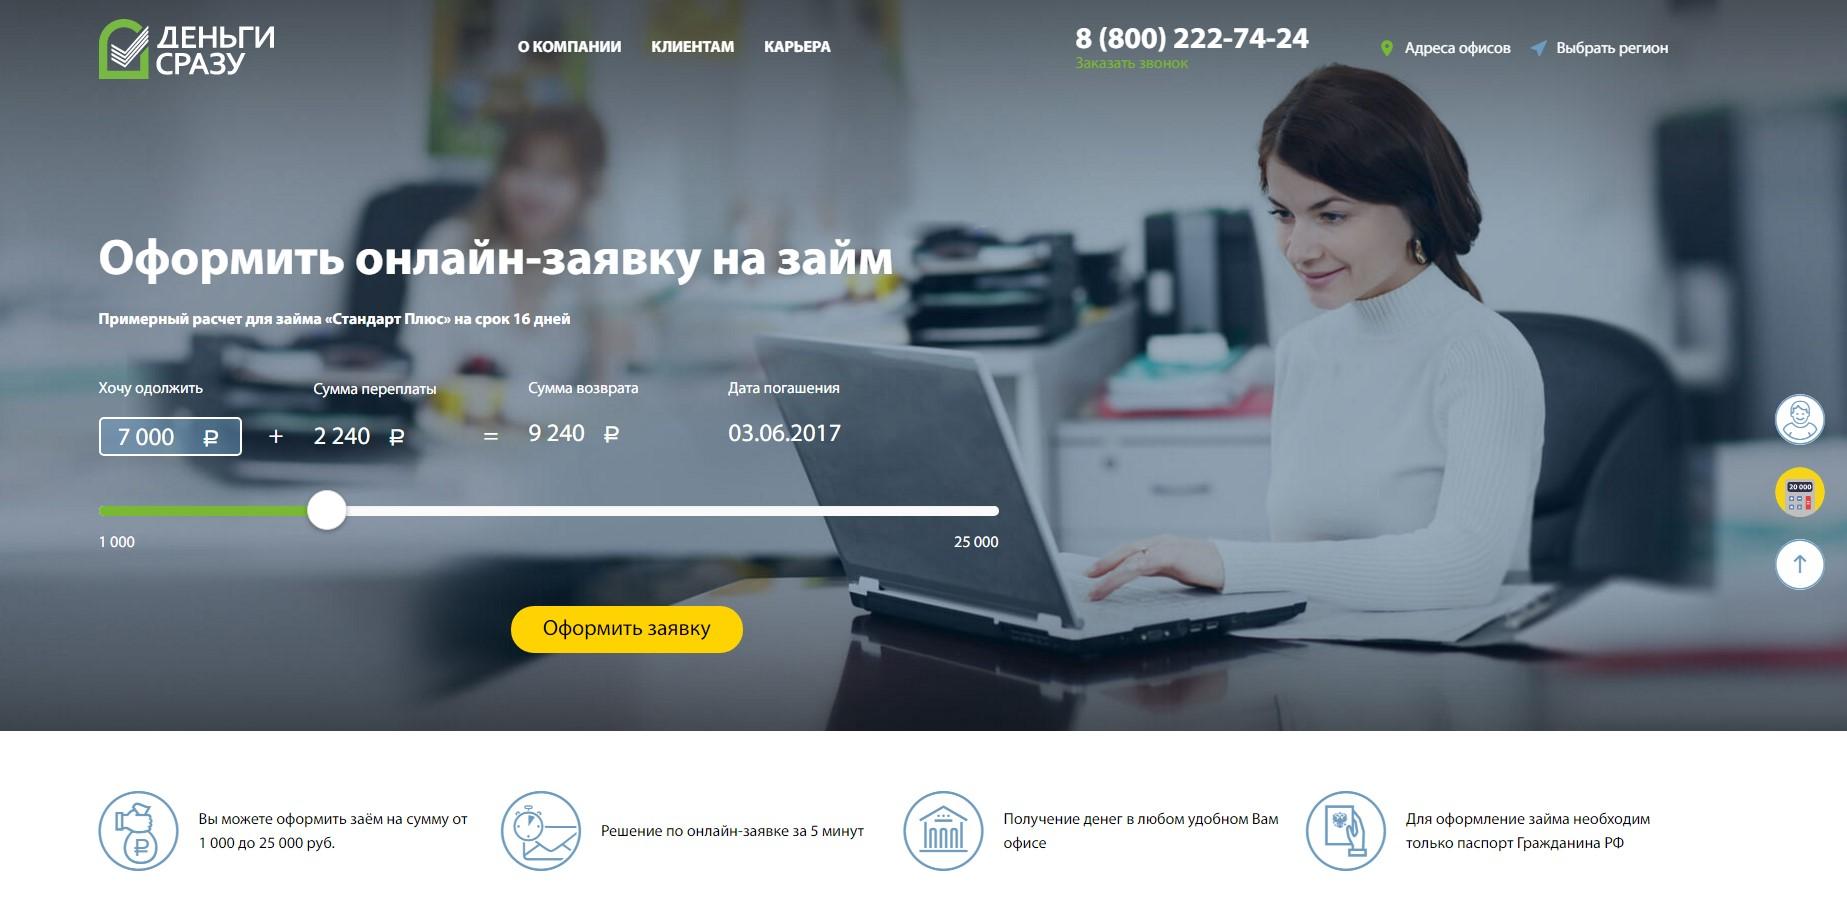 Мфо деньга список должников мгновенный долгосрочный займ онлайн